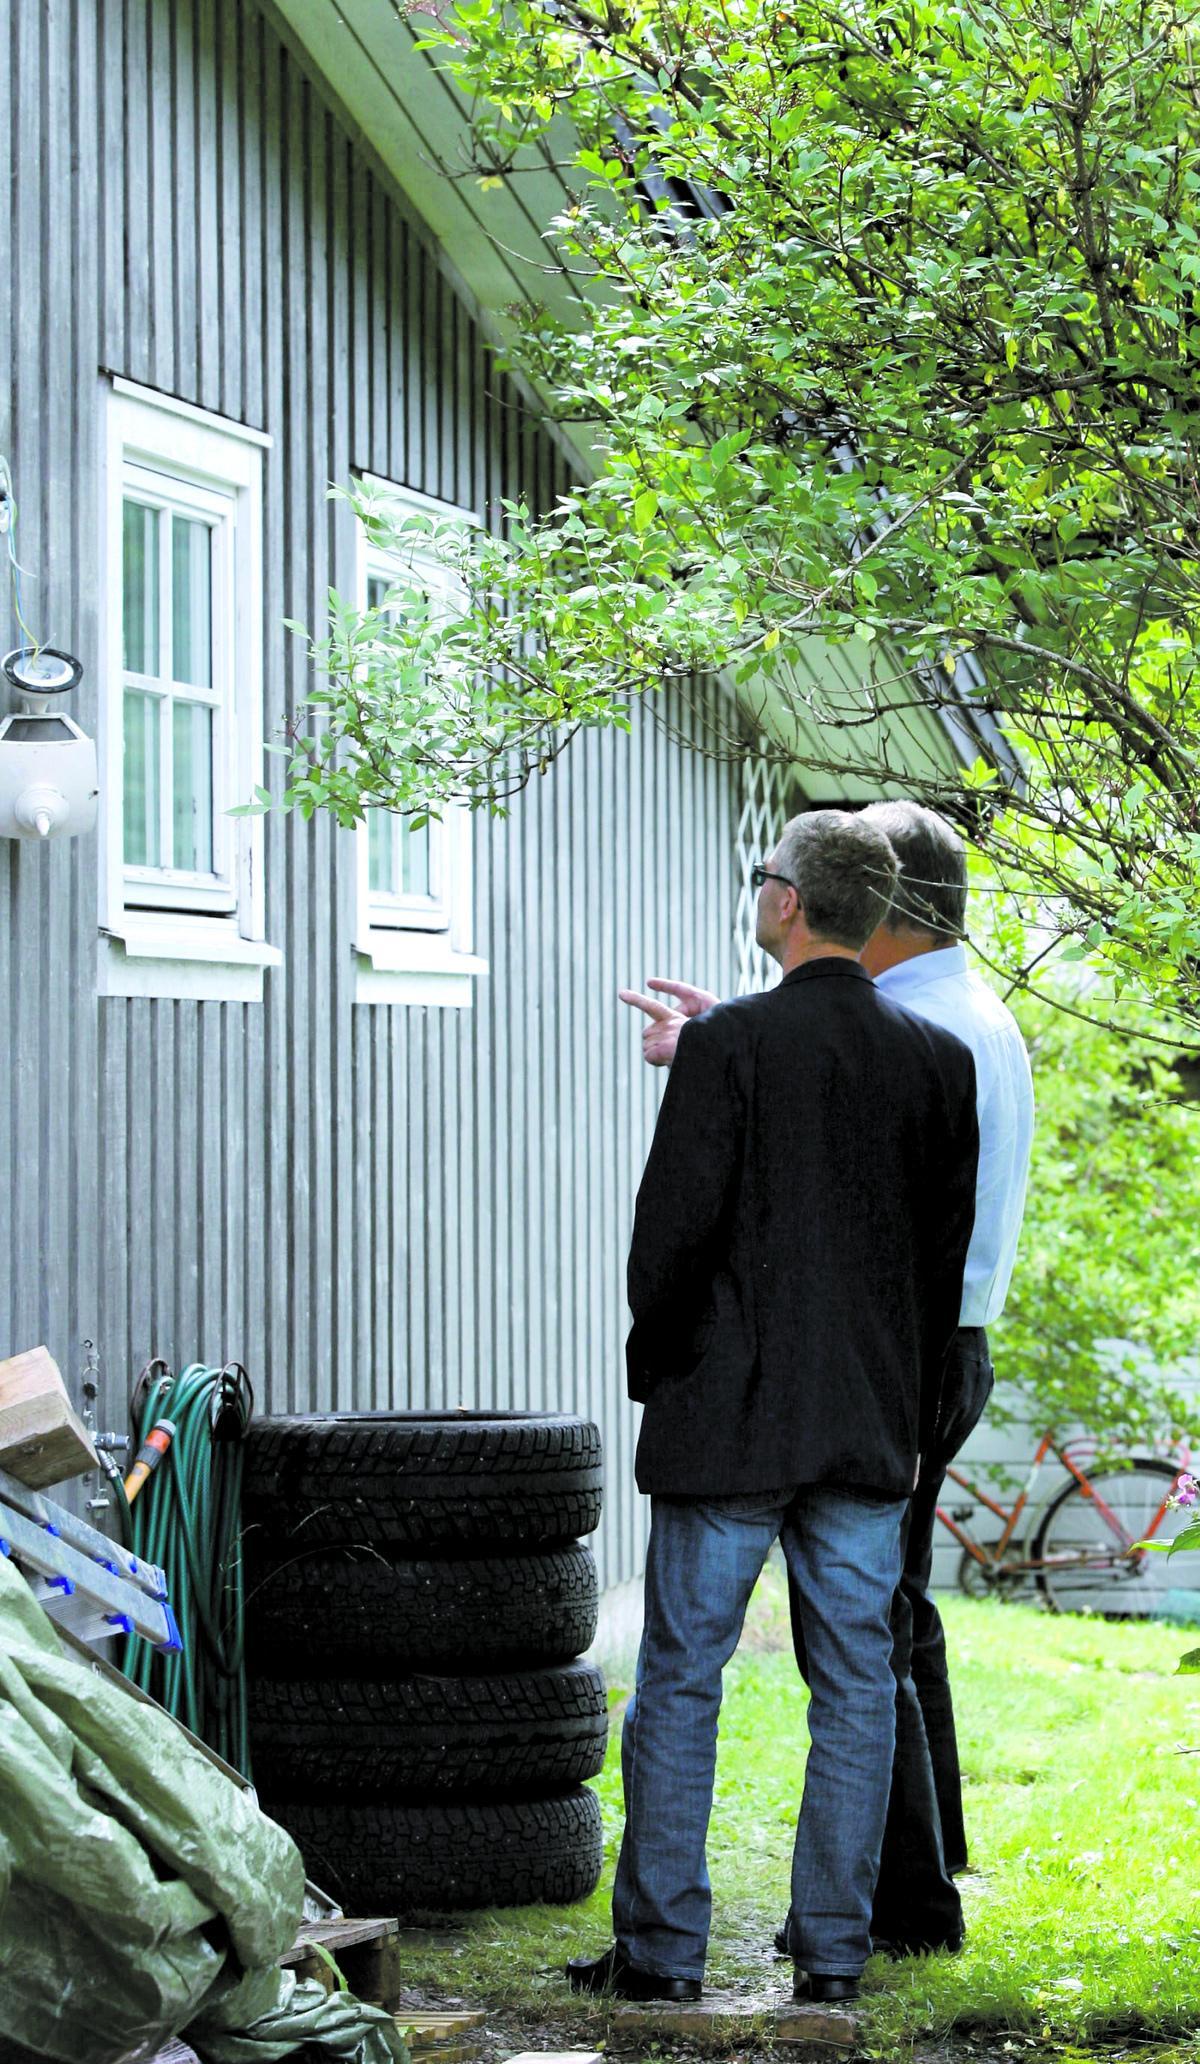 GJORDE EN STEGE AV BILDÄCKEN Thord Haraldsson, chef för Länskriminalen, och kammaråklagare Per Åke Svanström undersöker huset där mannen hittades död. Mördaren har troligen byggt en stege av bildäcken och sedan klättrat in genom ett garagefönster.